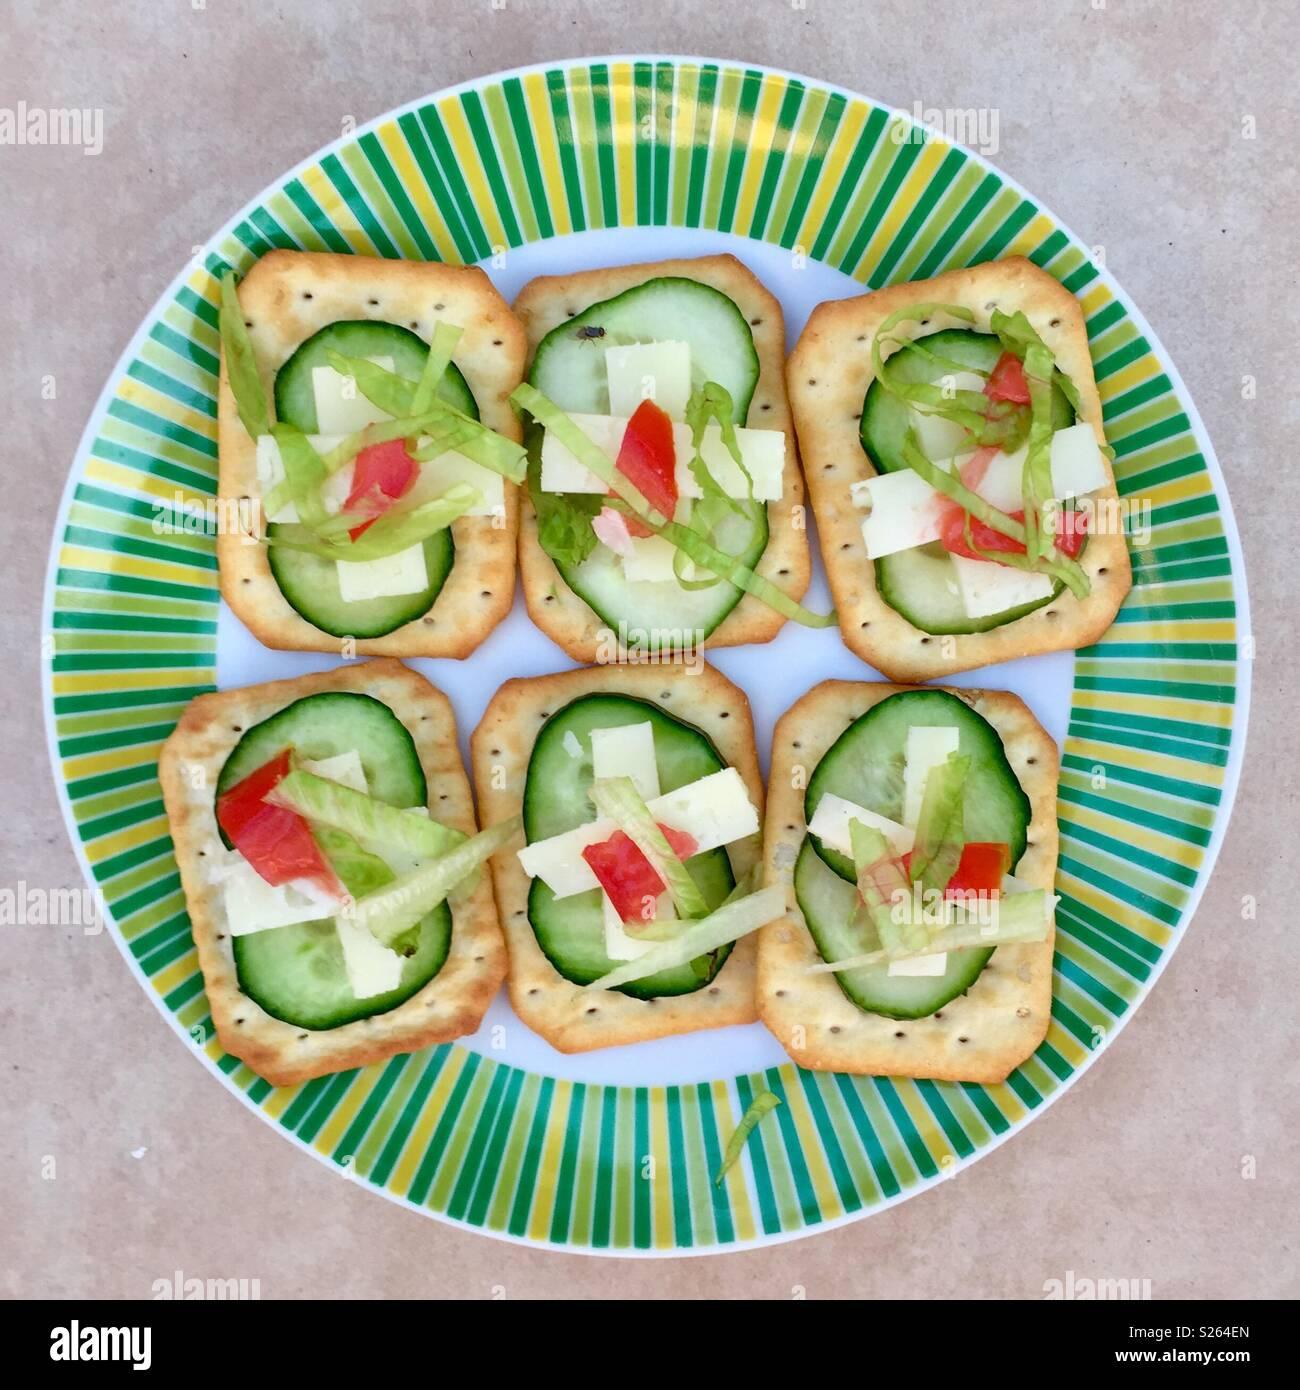 Appetiser, Greece - Stock Image